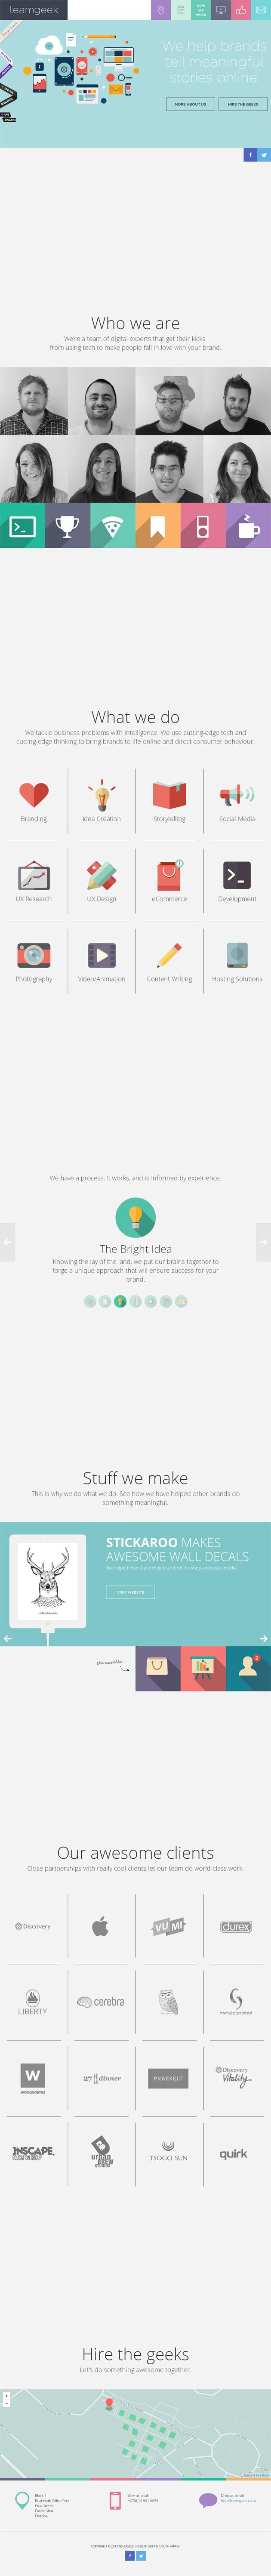 Teamgeek - Inspiración web design